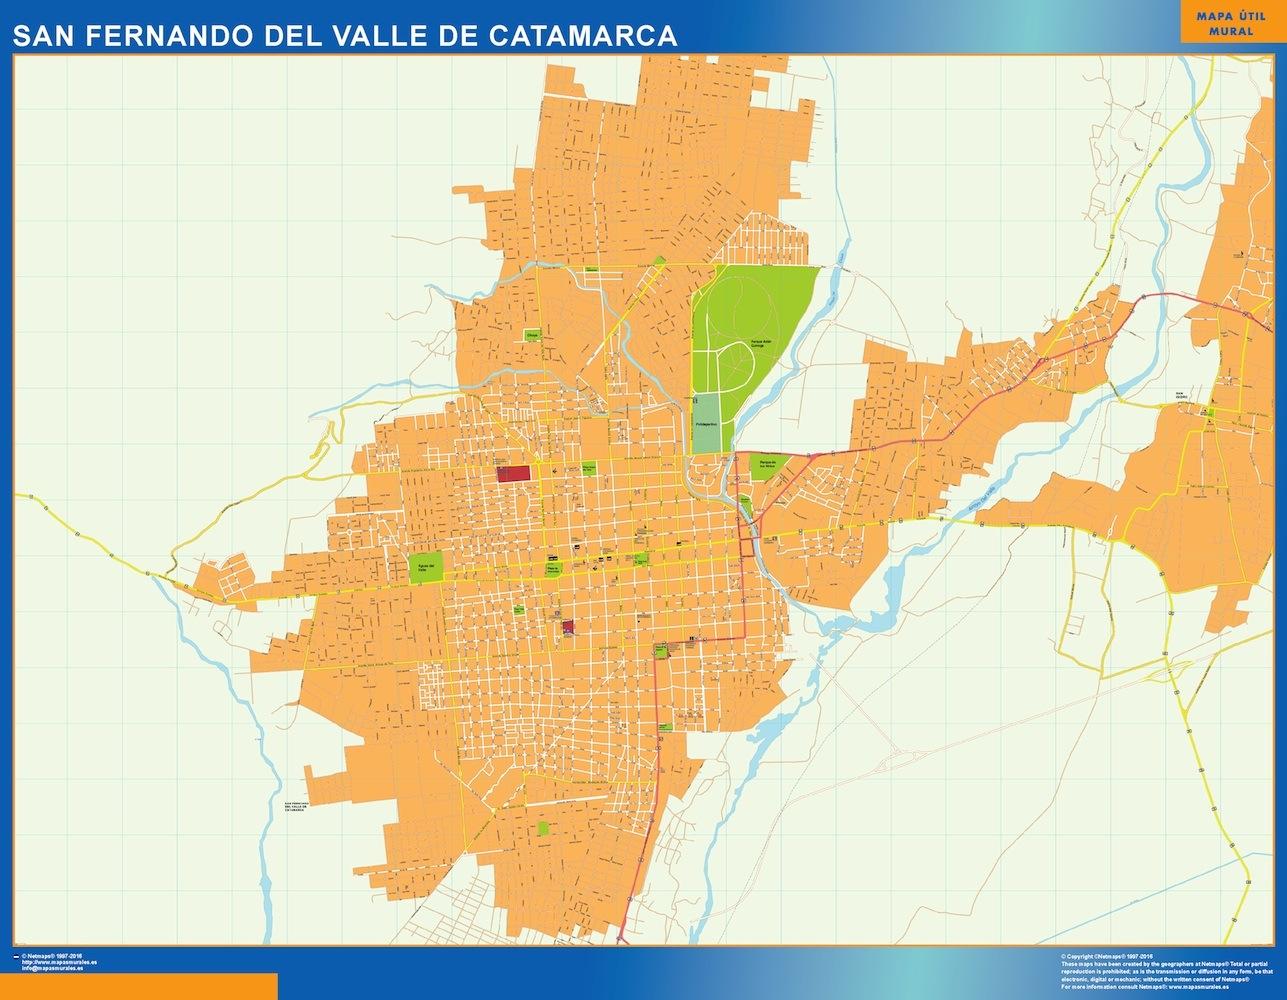 Mapa San Fernando del Valle Catamarca en Argentina plastificado gigante